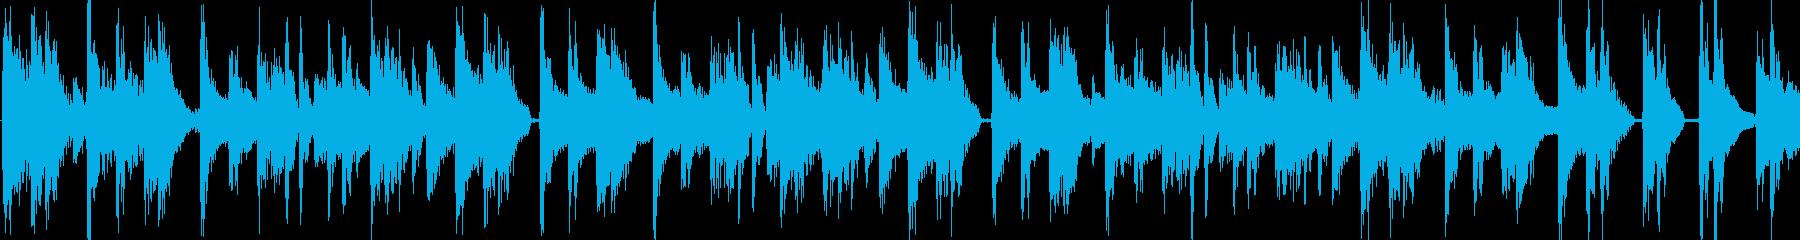 凛としたオーケストラ・AOの再生済みの波形